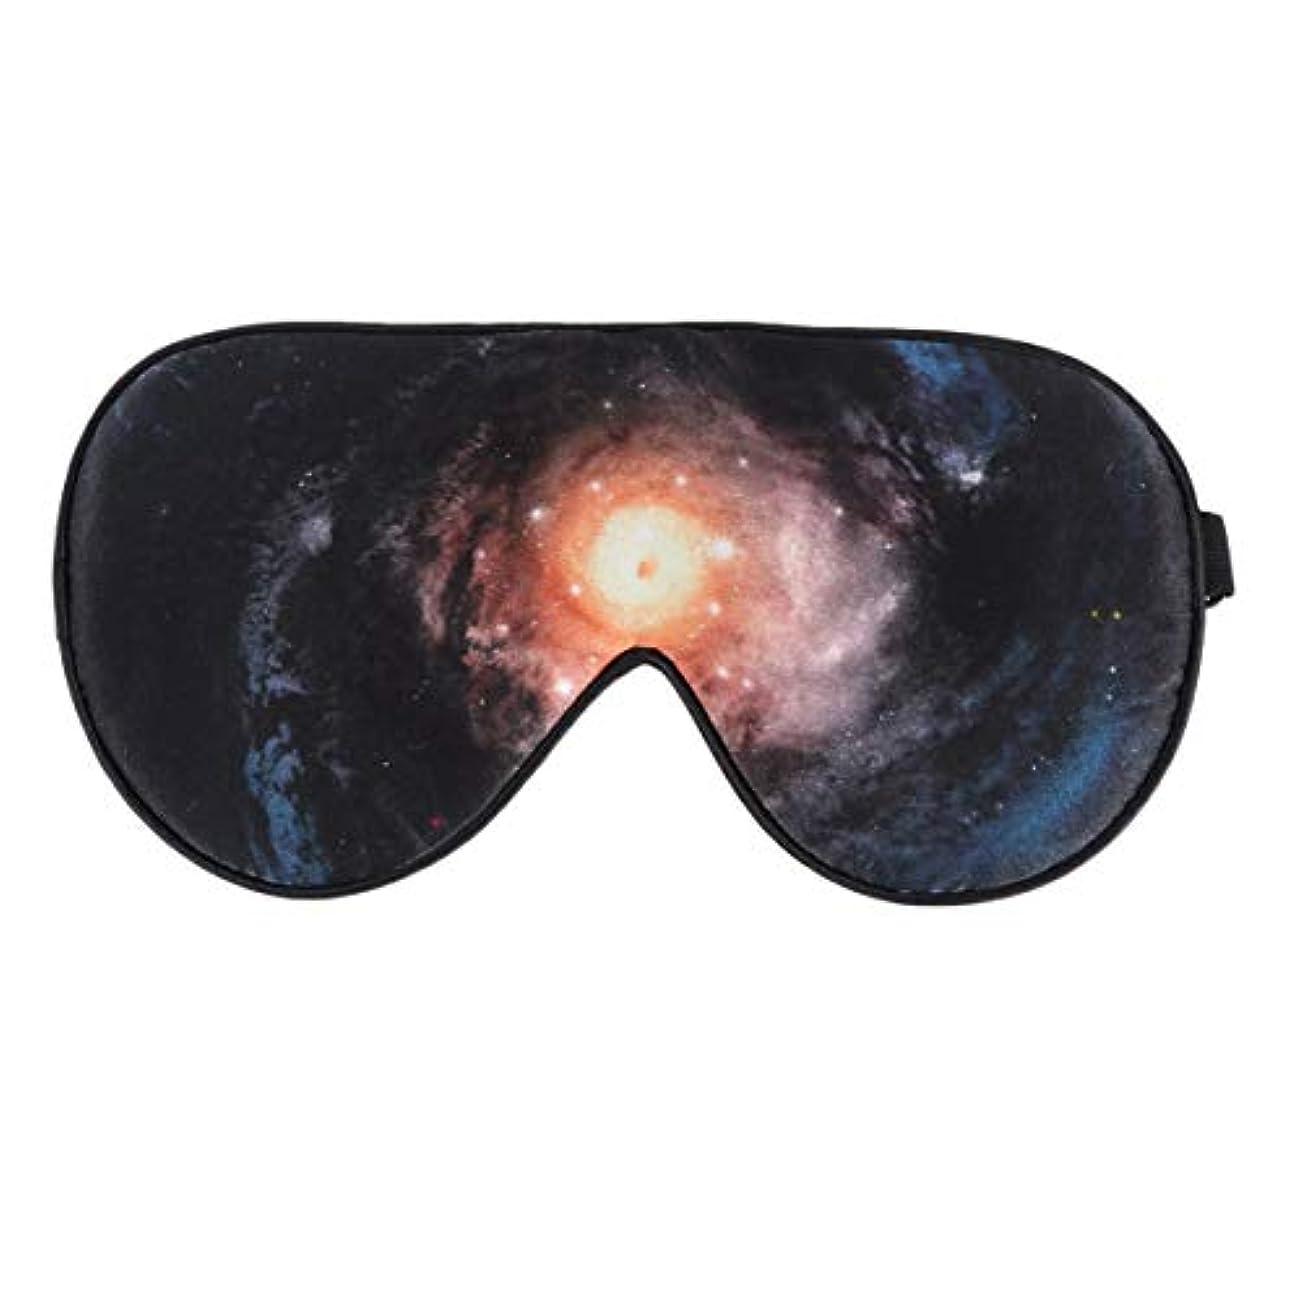 インシュレータこどもセンター彼らのHealifty 睡眠アイマスクソフト目隠しシェーディングアイパッチ星空アイマスク仮眠睡眠旅行